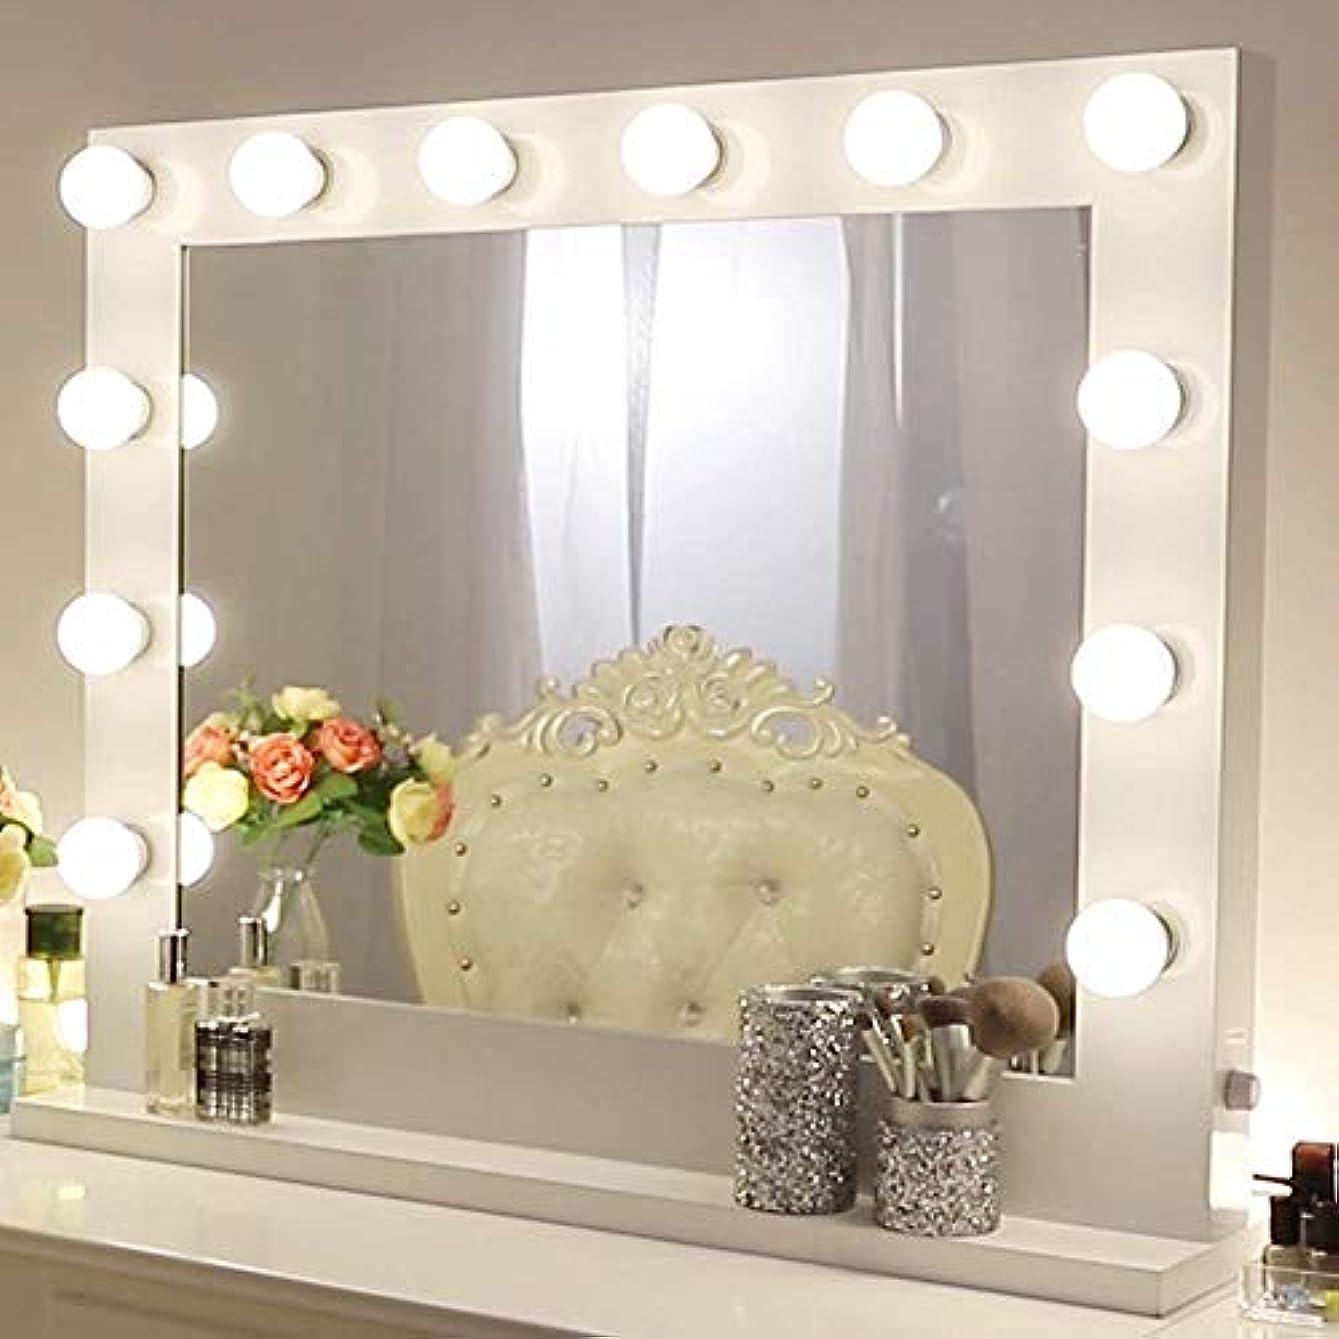 リークメディック喉が渇いたハリウッドミラー 女優ミラー 大型 壁掛け LEDライト付き コンセント付き 無段階調光 化粧鏡 ドレッサー 女優鏡 (横型8065)